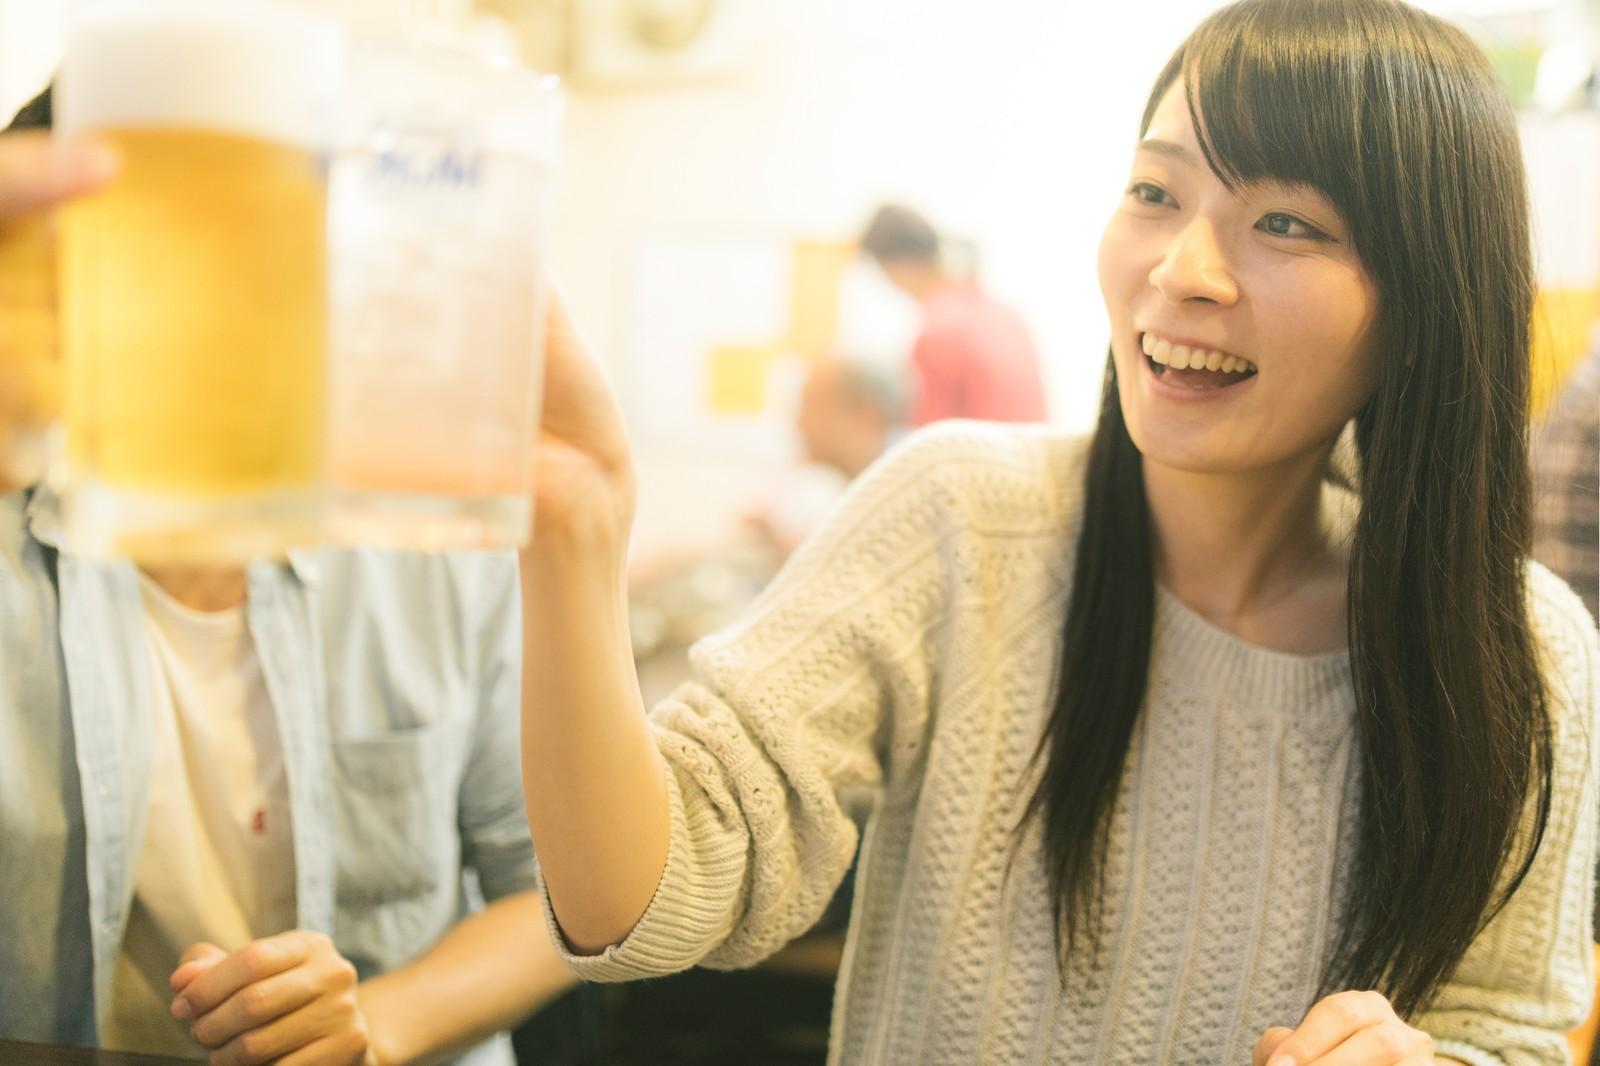 ビールジョッキで乾杯する女性